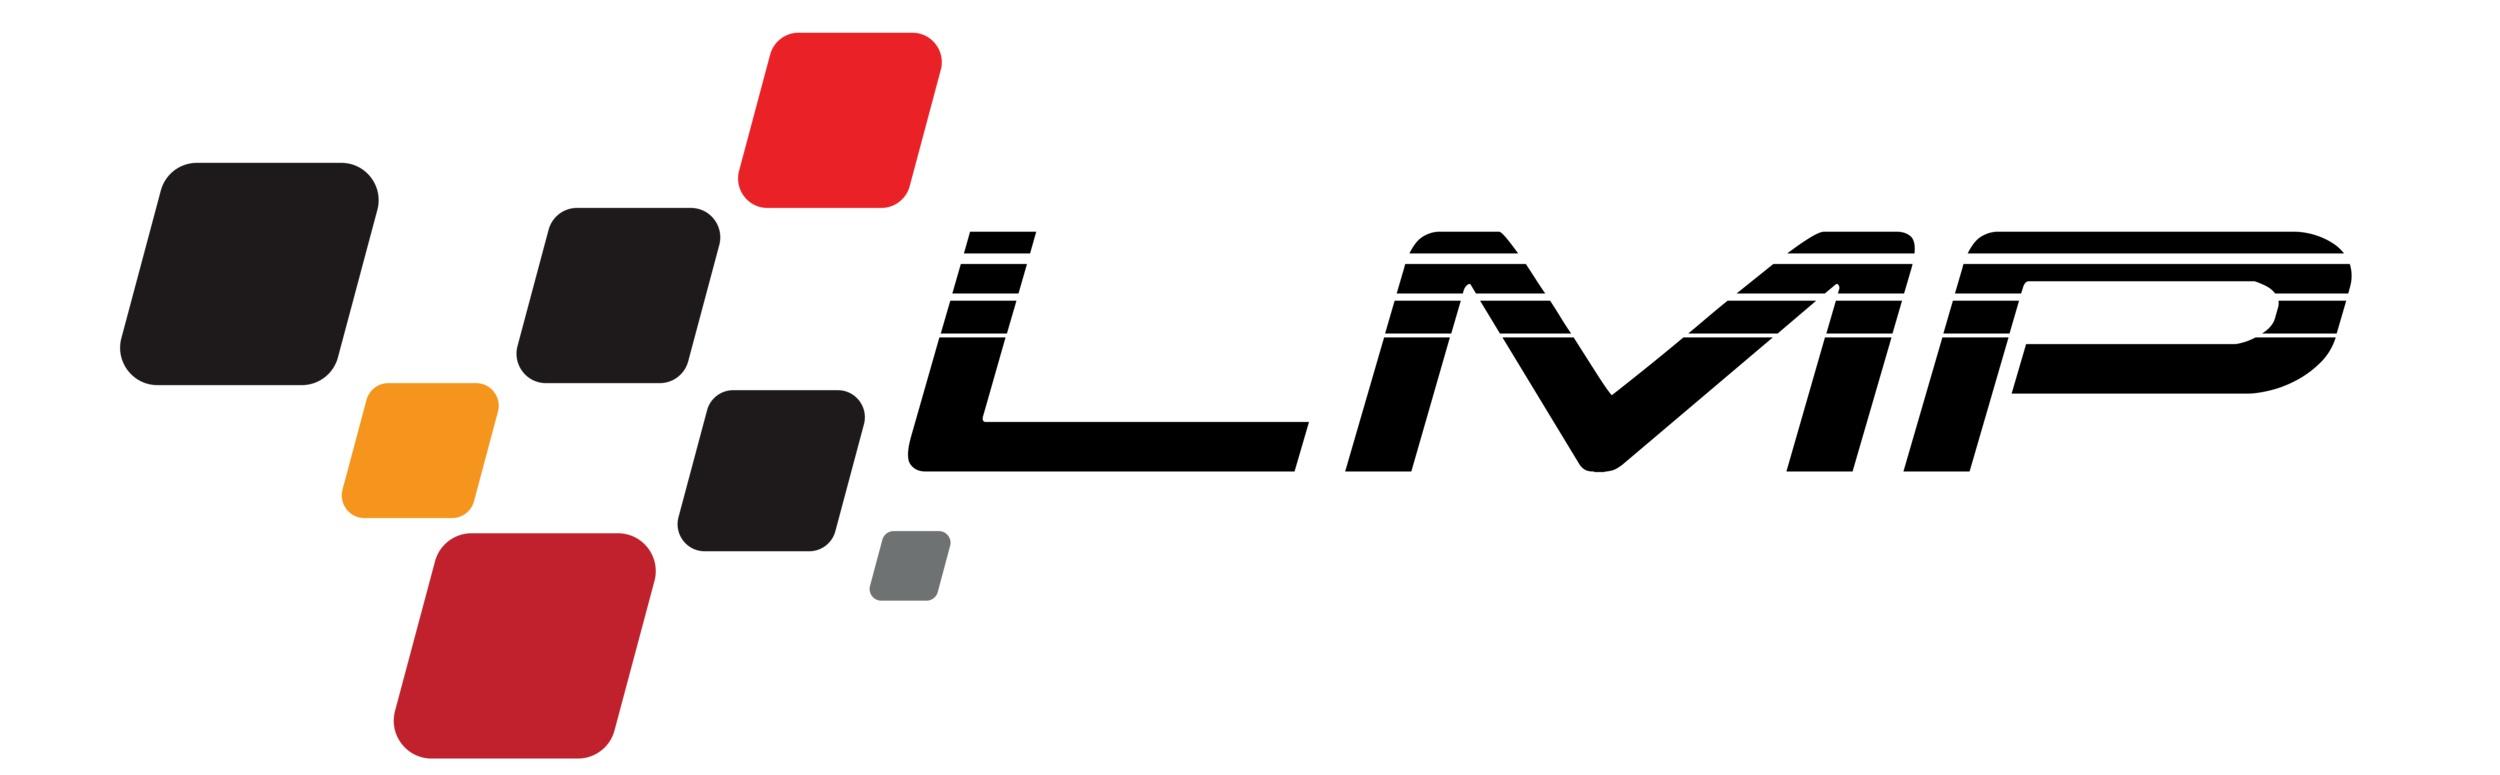 LMP+Logo+Idea.jpg